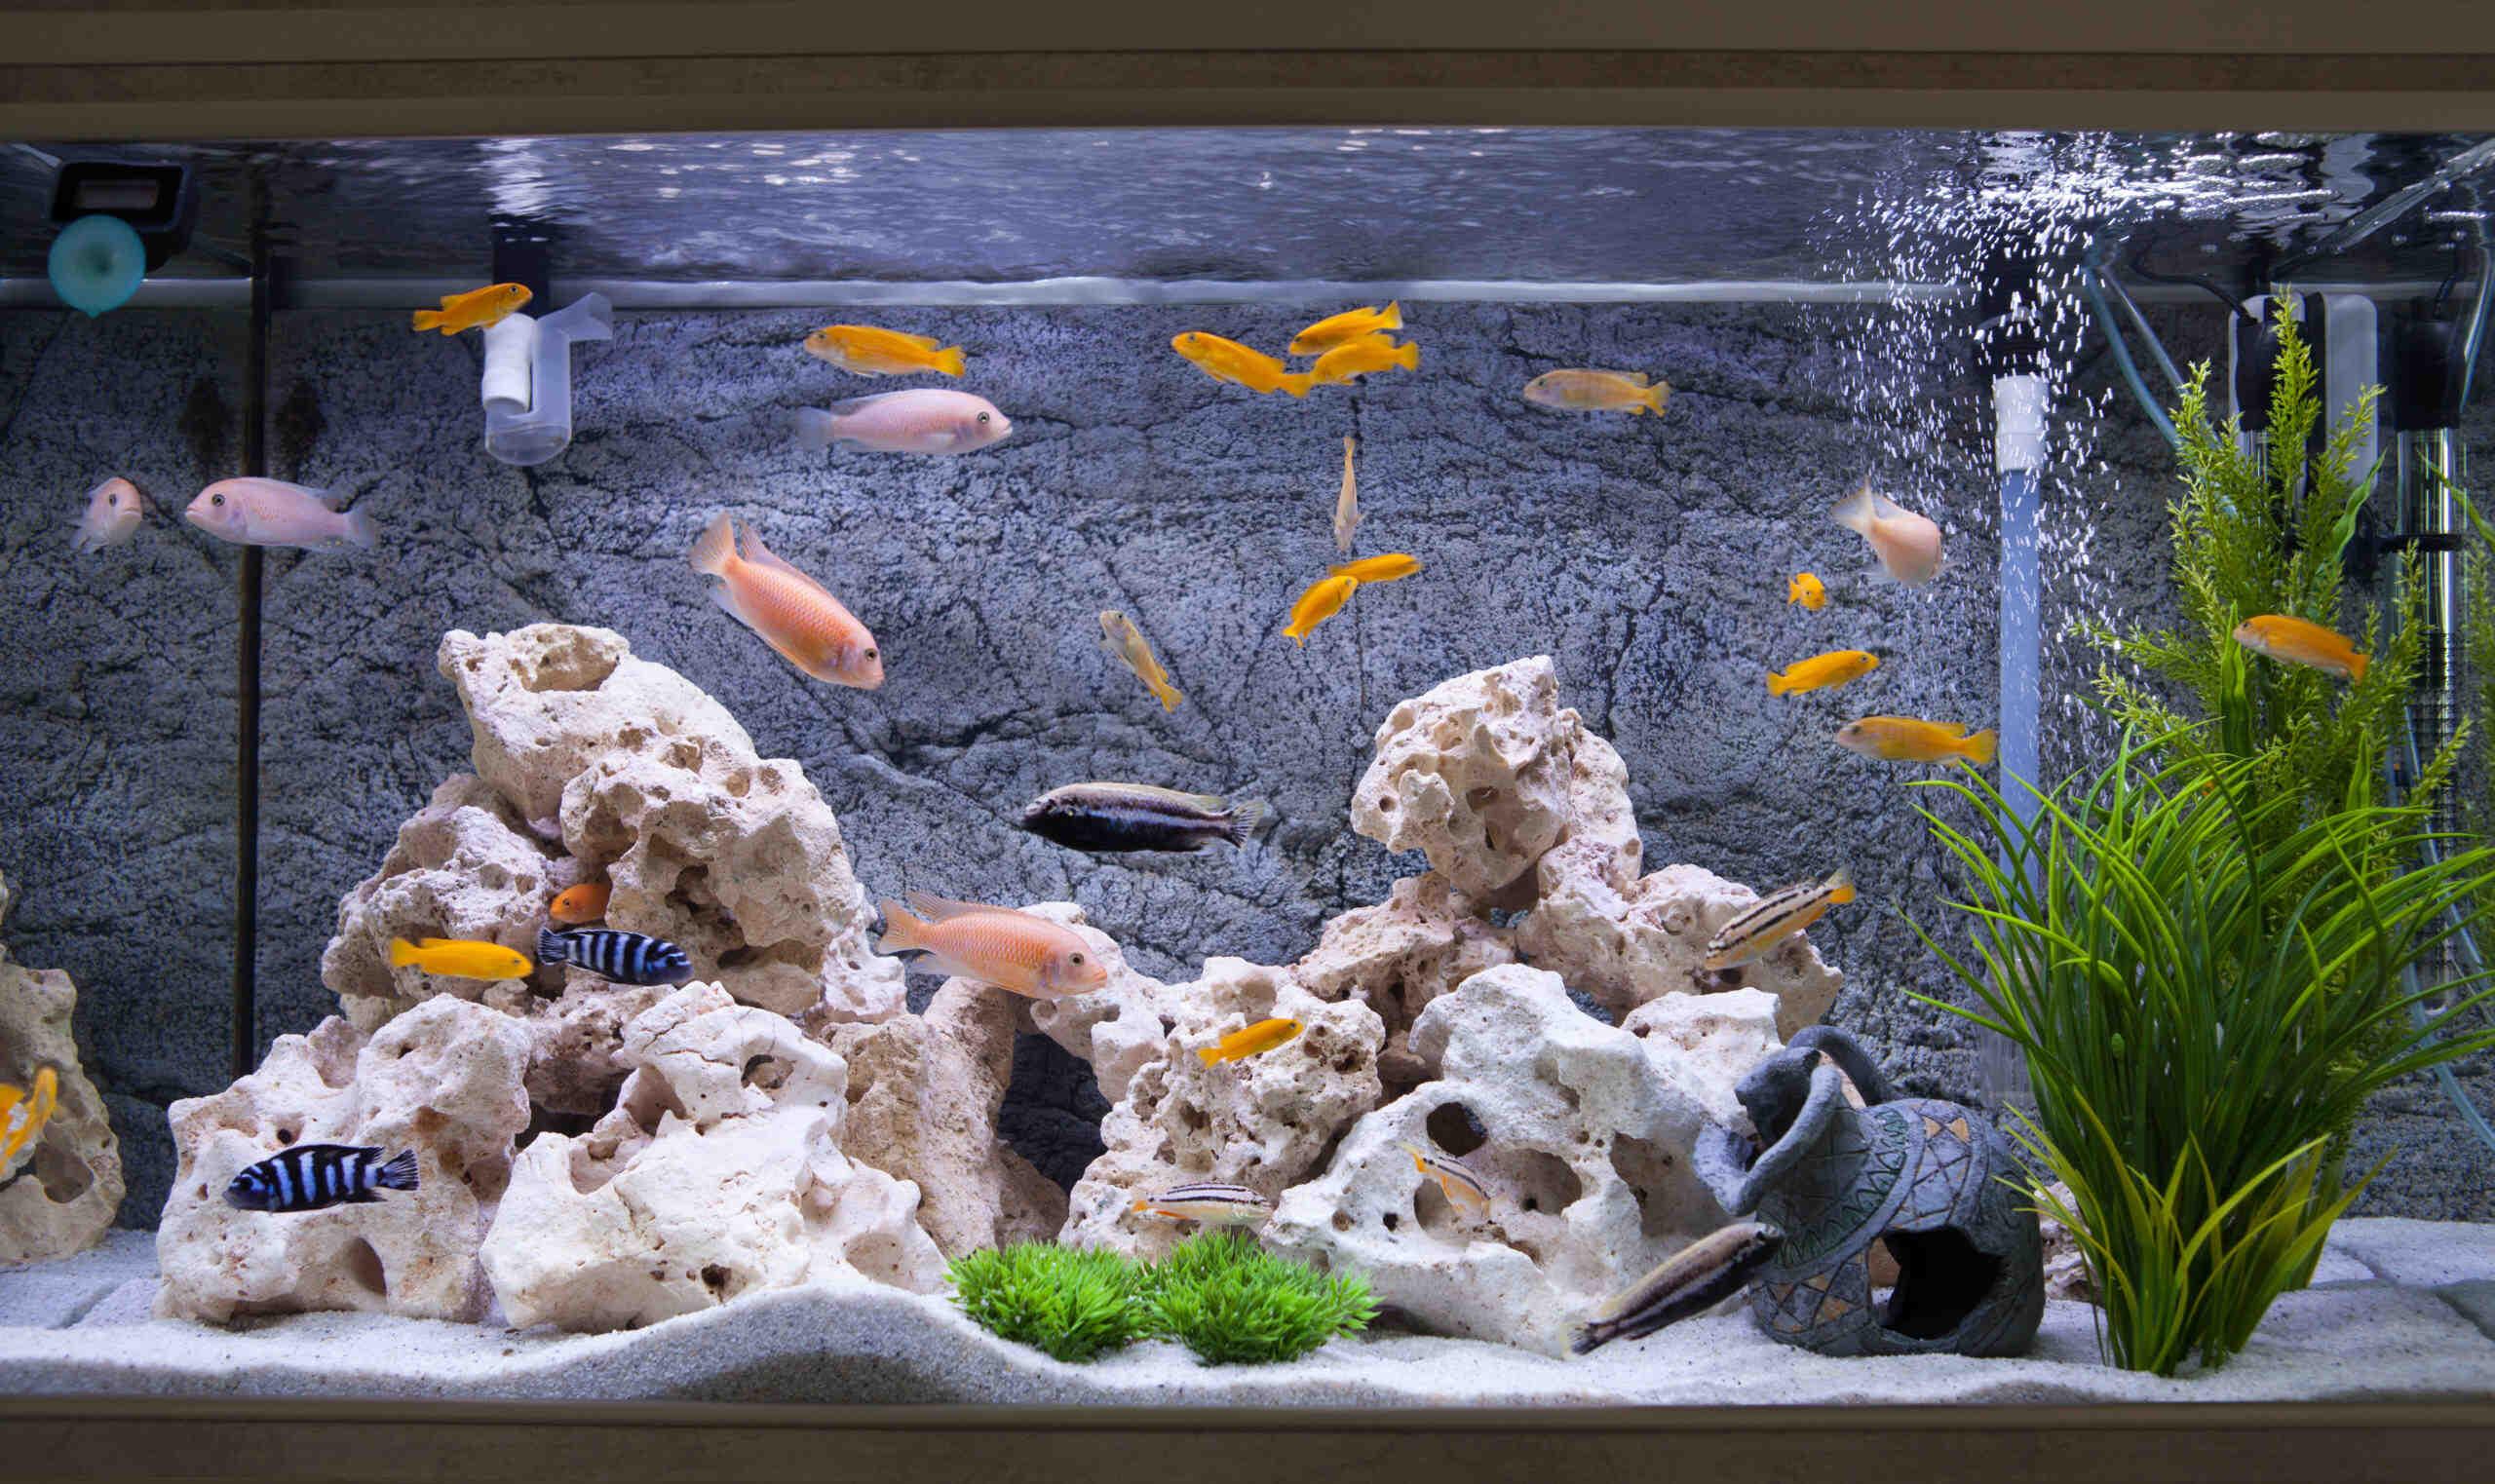 Quand mettre des bactéries dans l'aquarium?